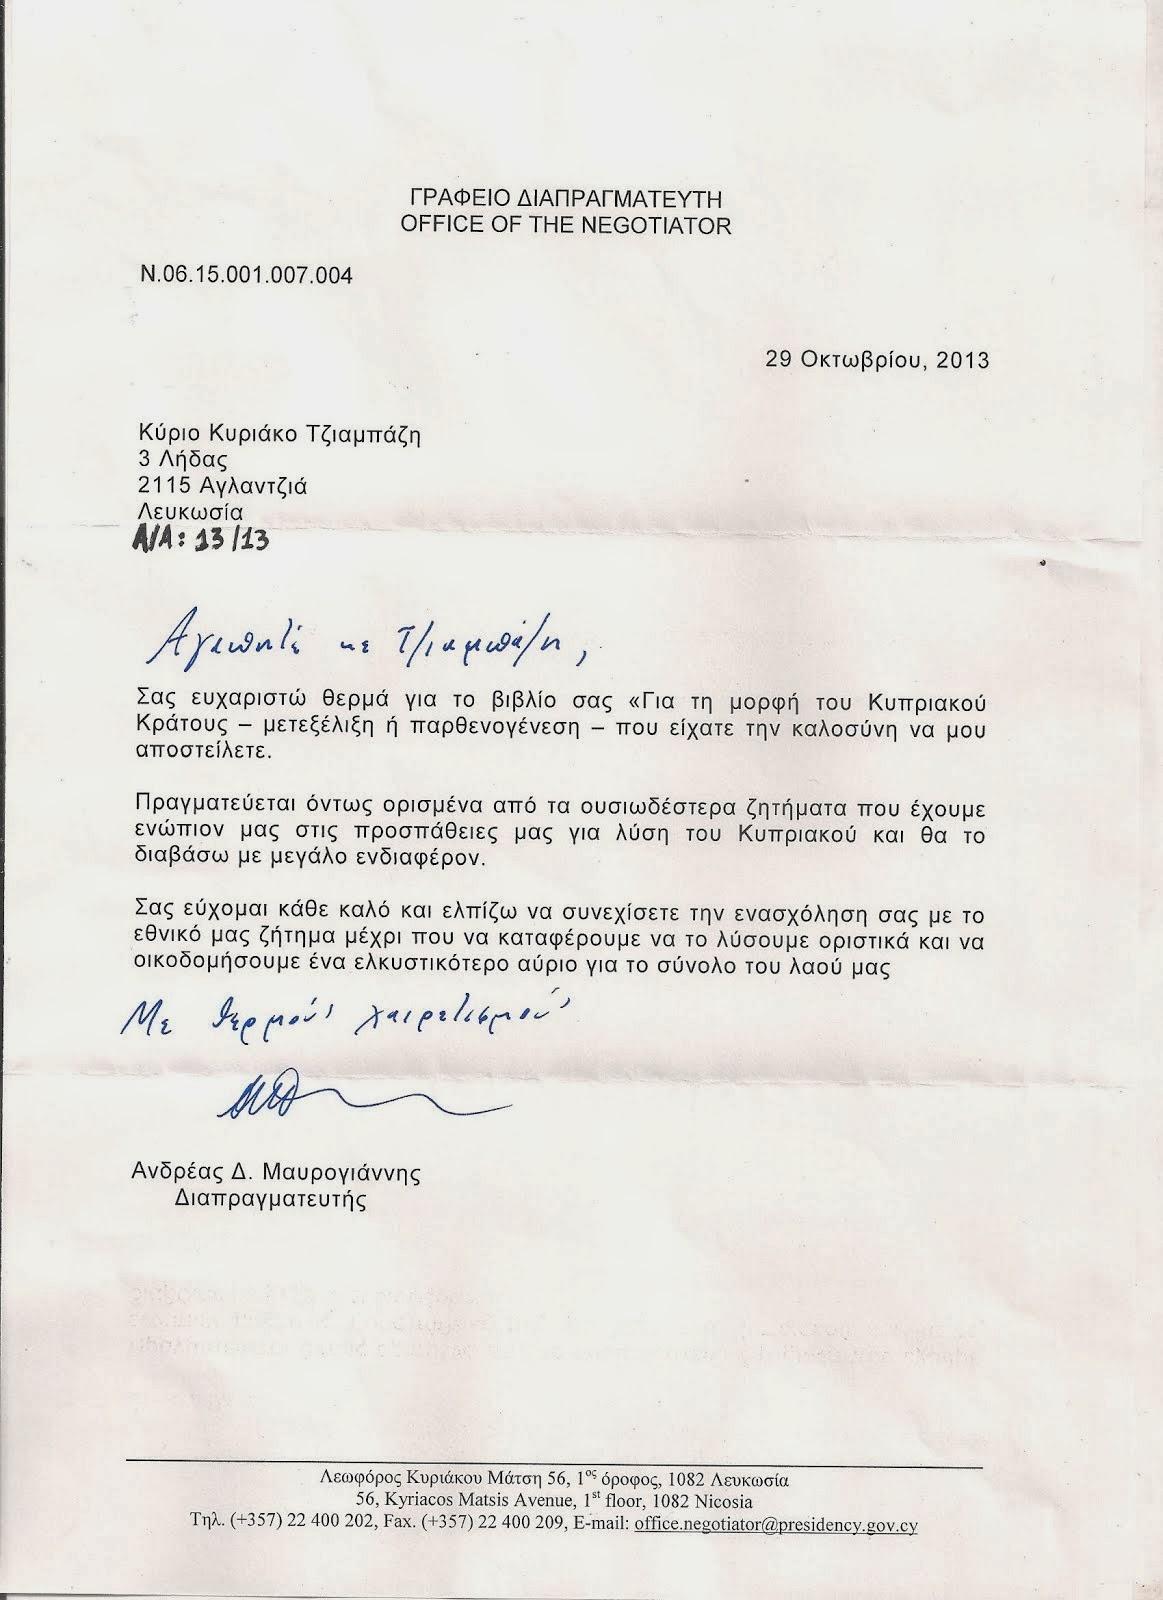 Συγχαρητήρια Επιστολή Διαπραγματευτή Μαυρογιάννη